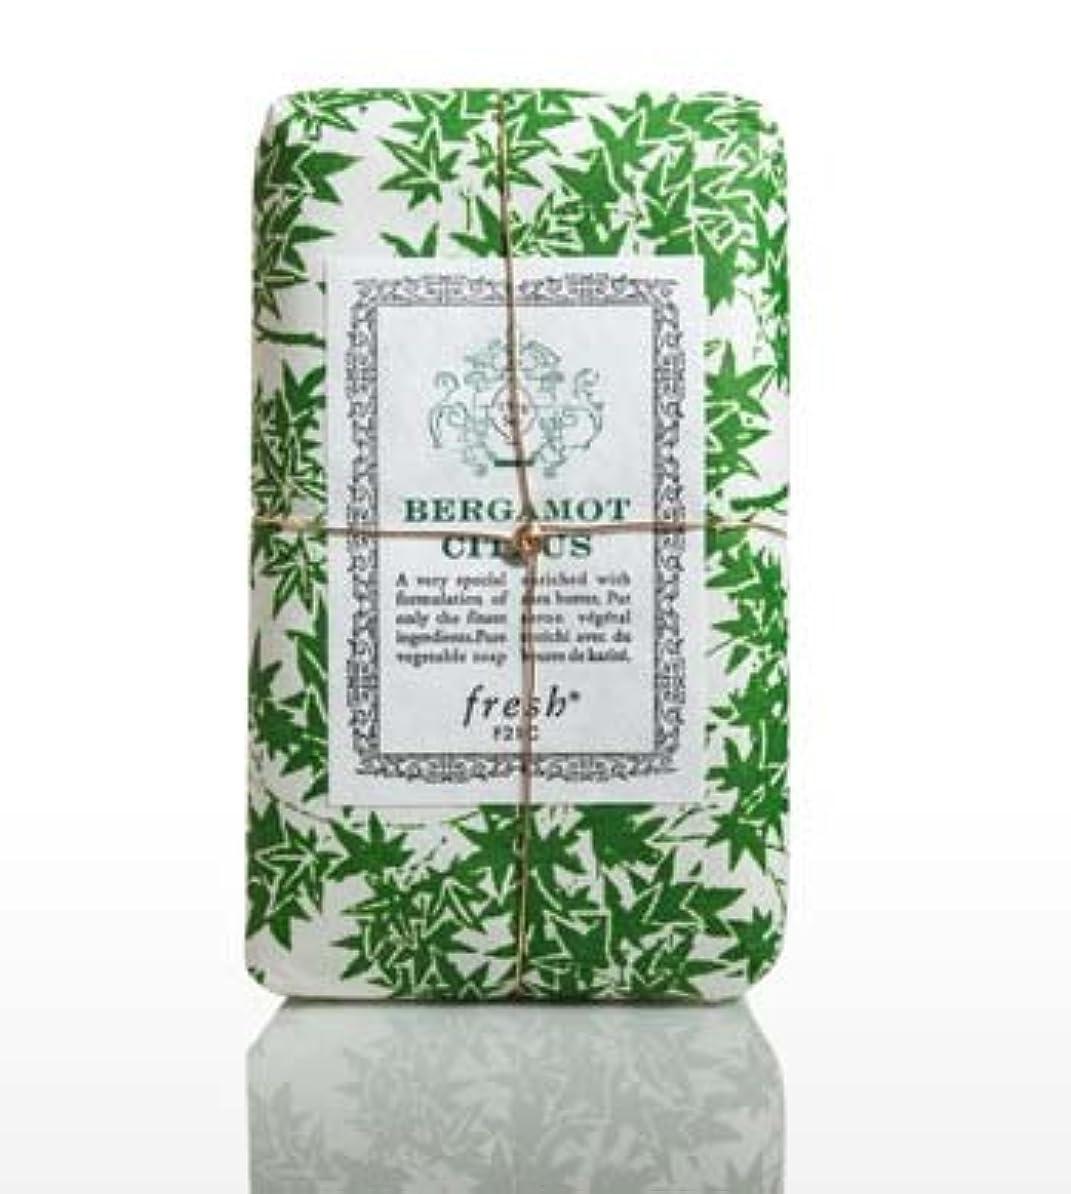 アミューズメントアルバム知覚するFresh BERGAMOT CITRUS (フレッシュ ベルガモントシトラス) 5.0 oz (150g) Soap (石鹸) by Fresh